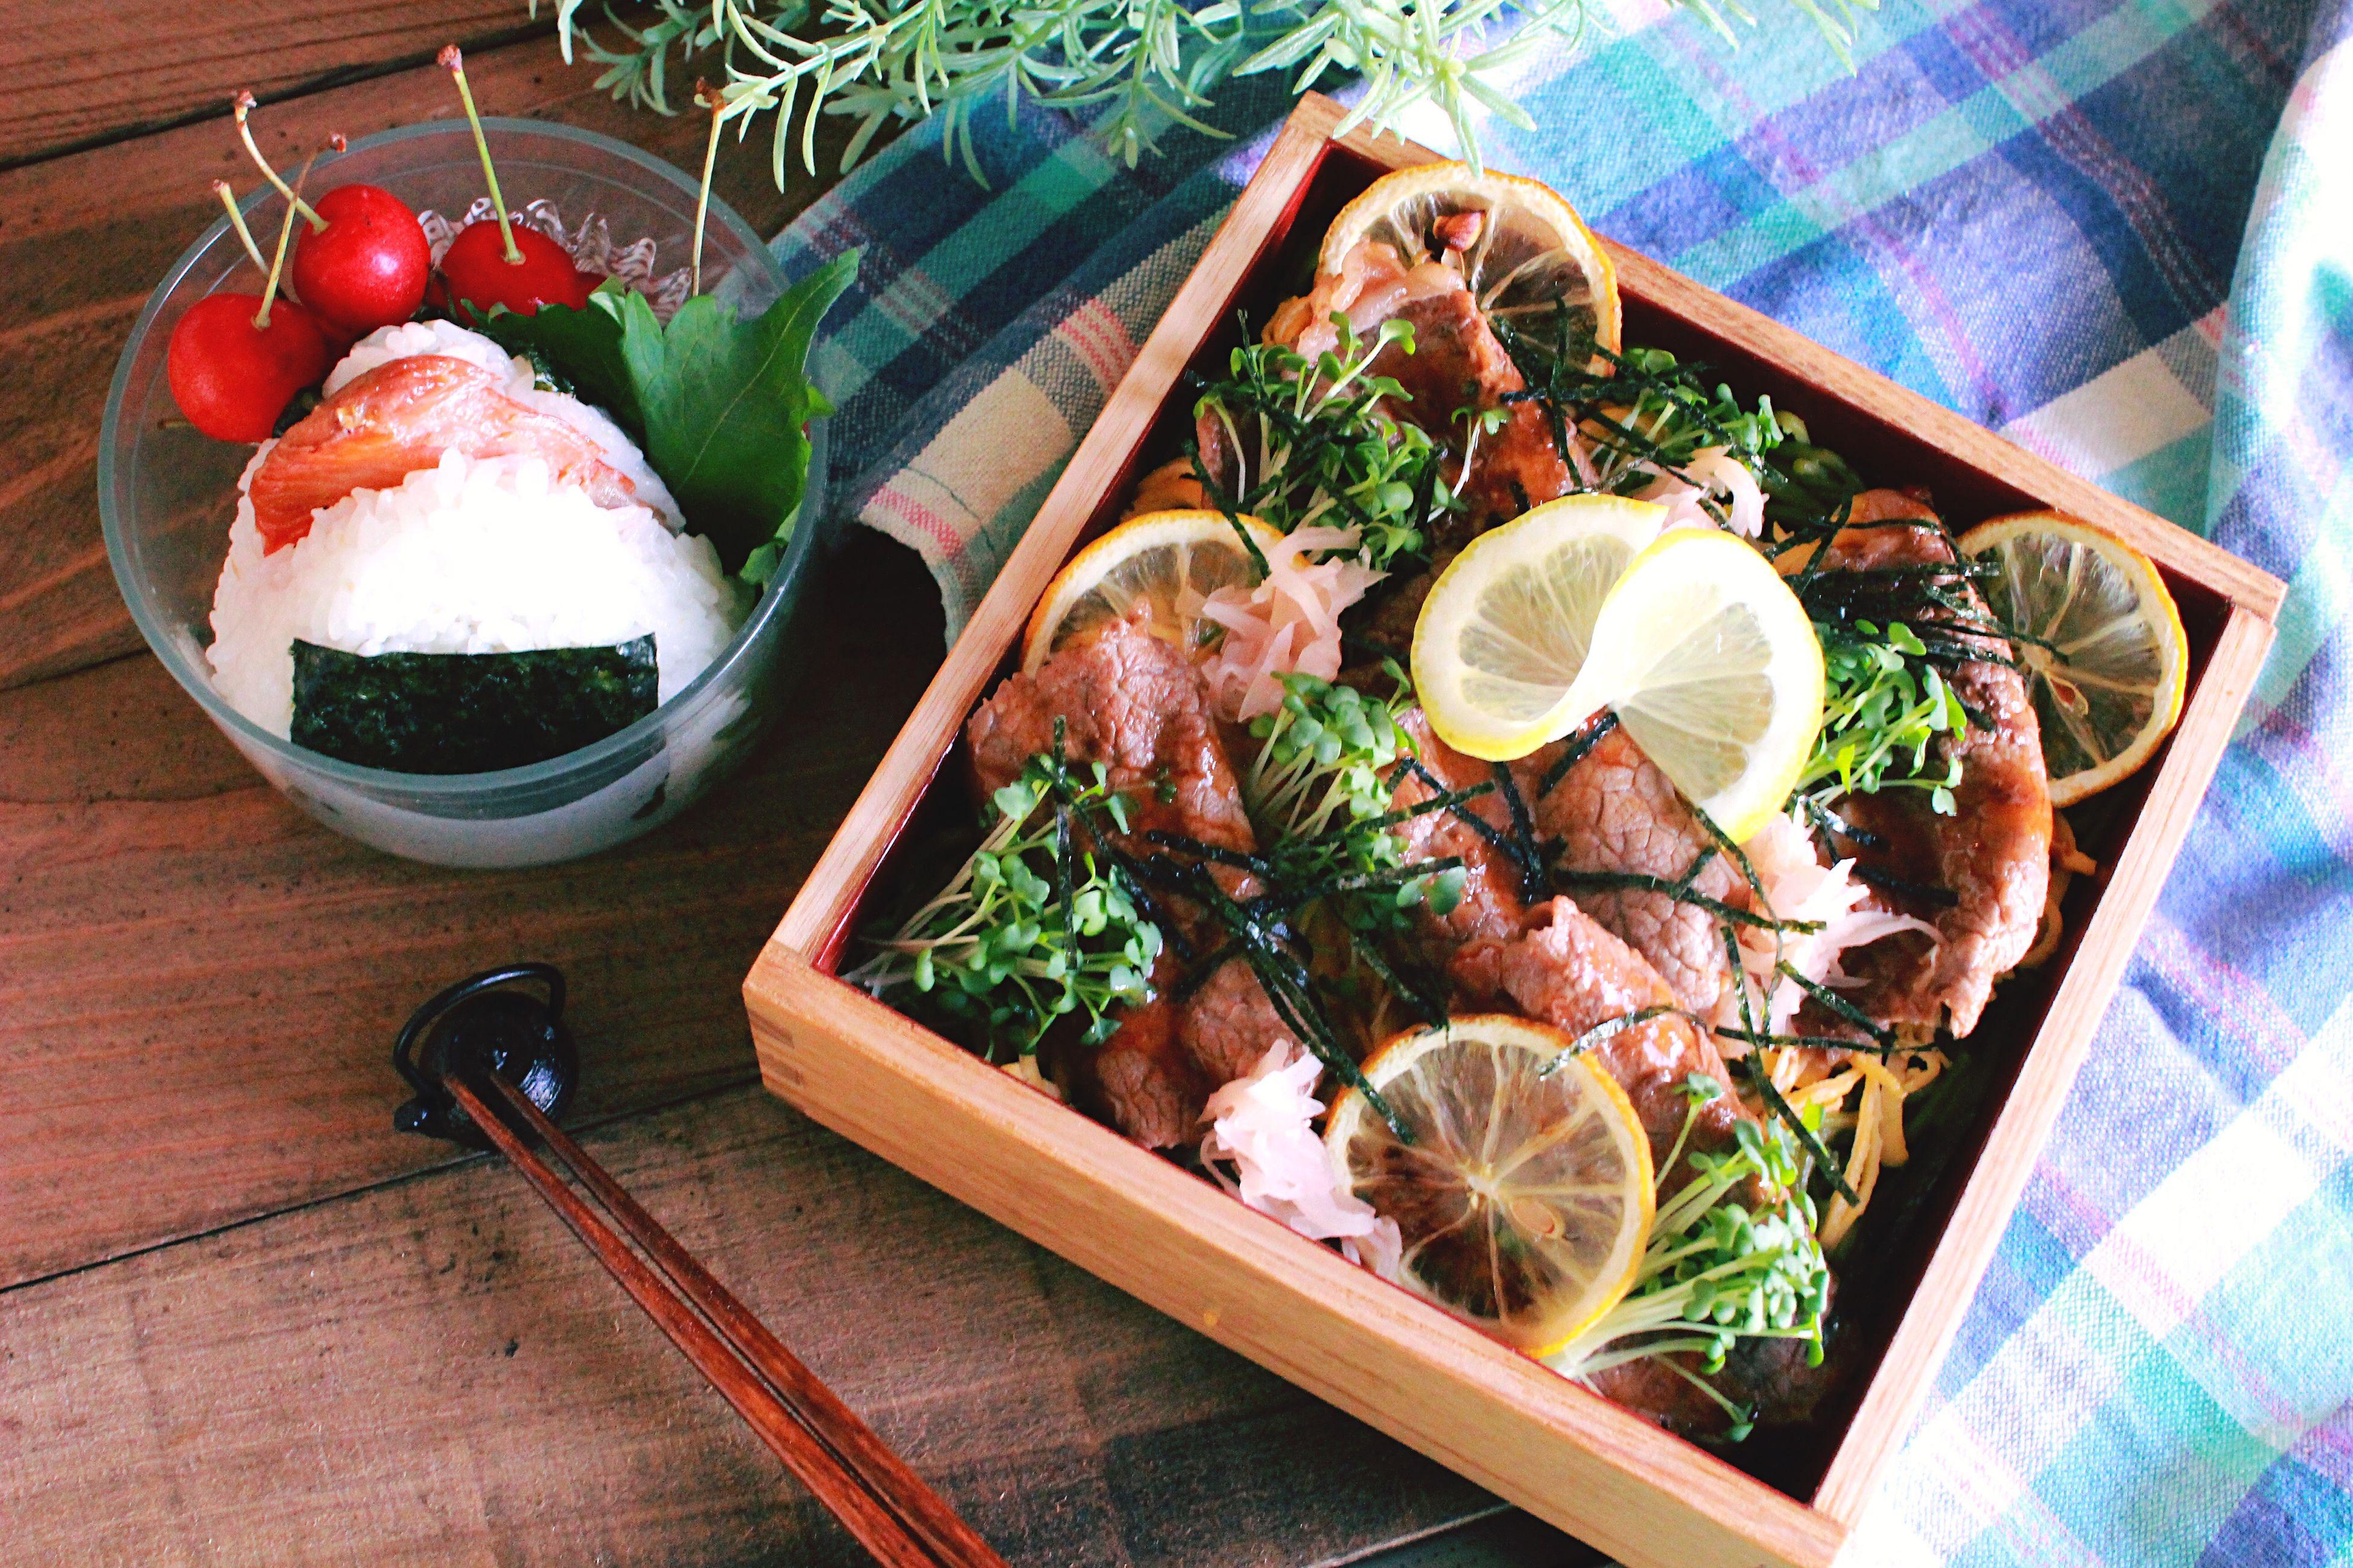 Japanese Food Lunch Box Kawara Soba Green Tea Soba 息子弁当 部活弁当